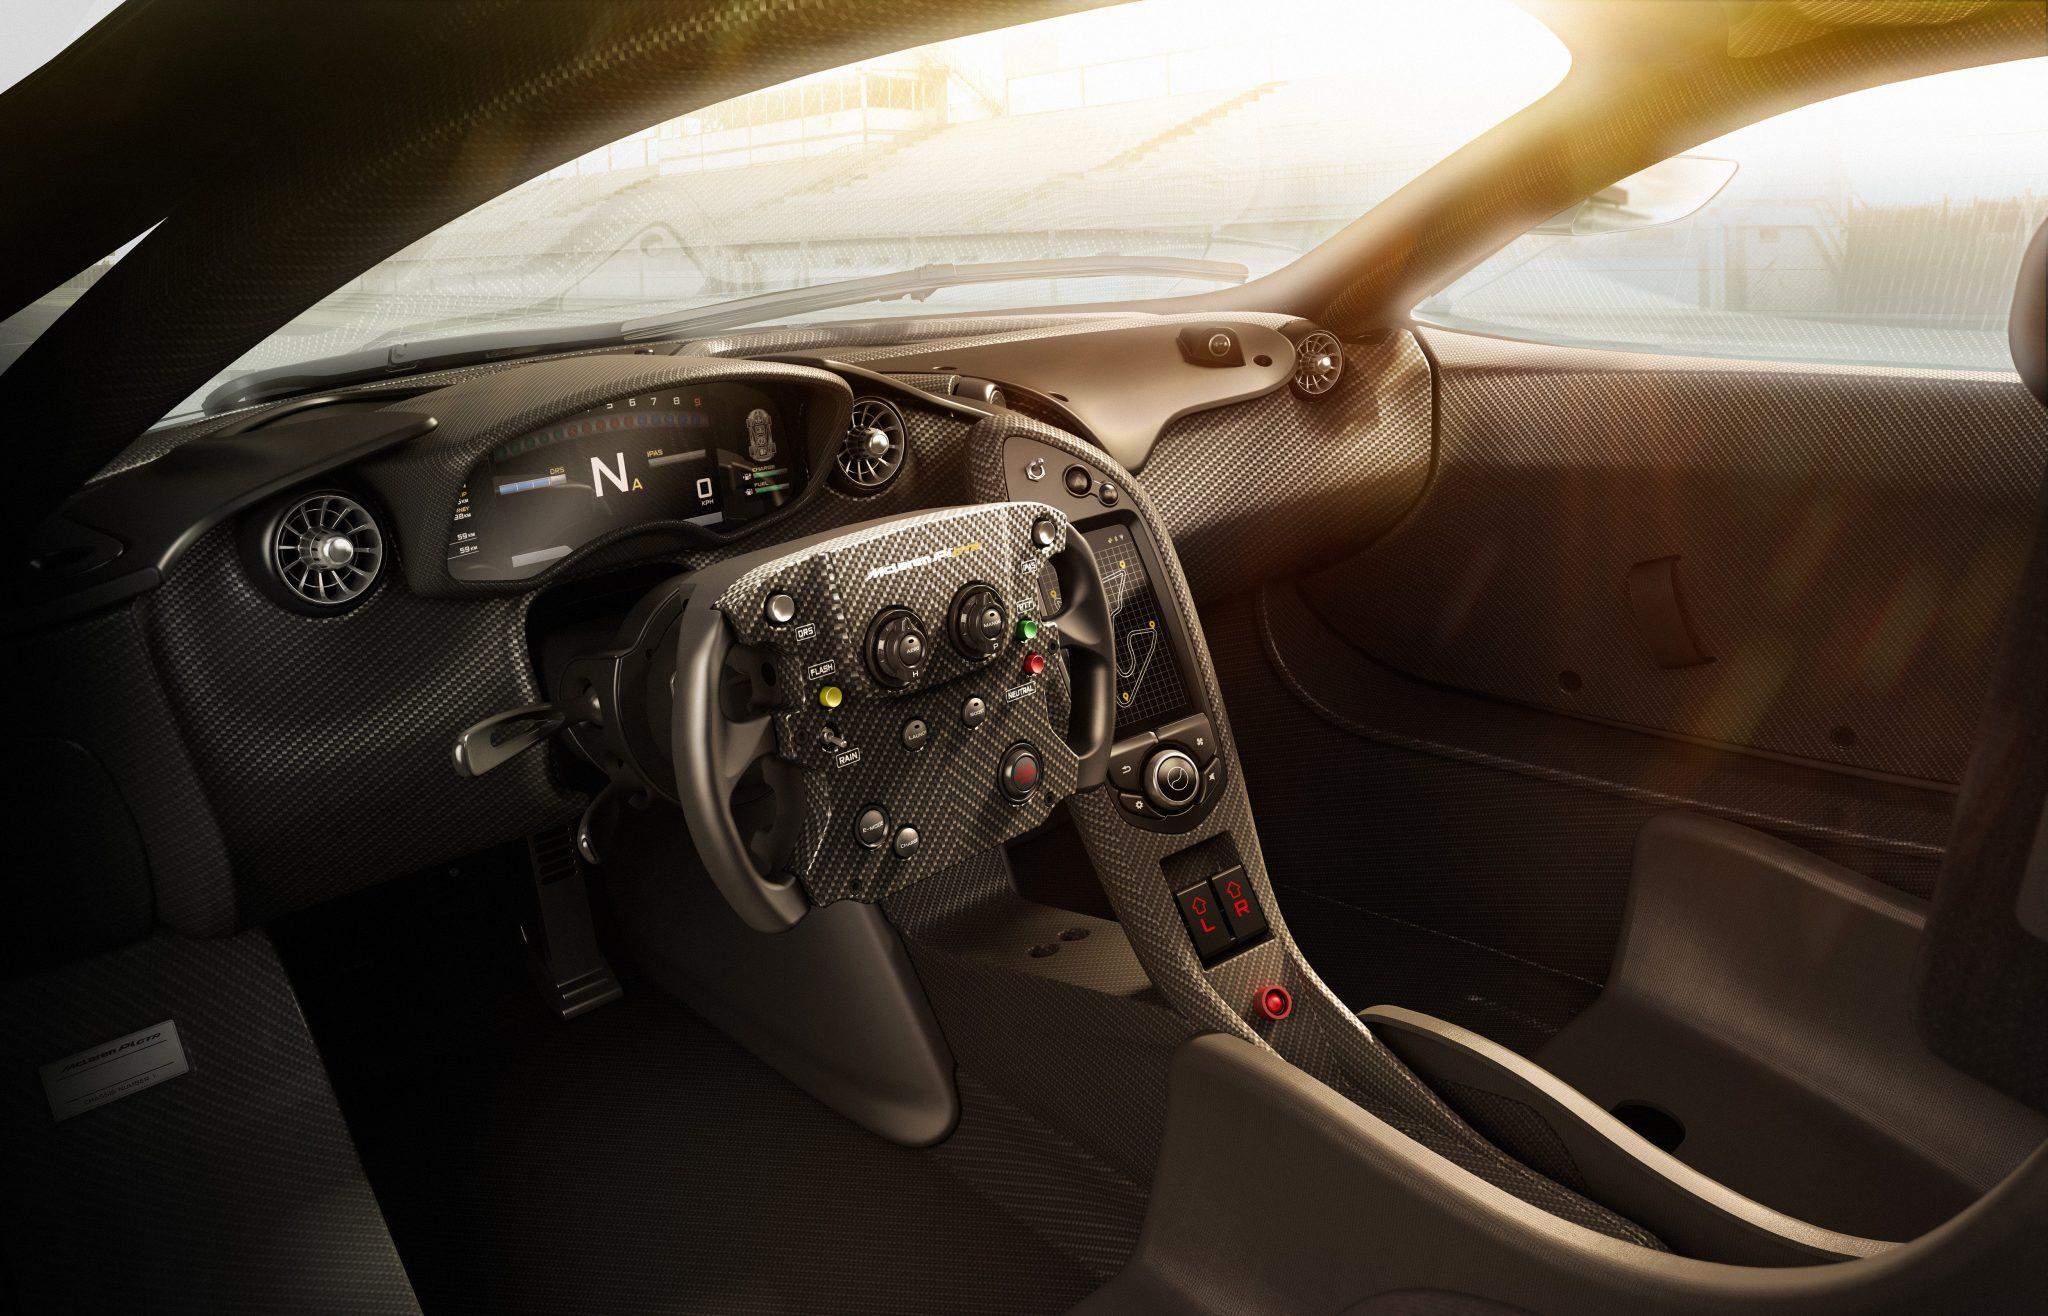 http://www.forcegt.com/wp-content/uploads/2014/10/McLaren_P1_GTR_interior.jpg